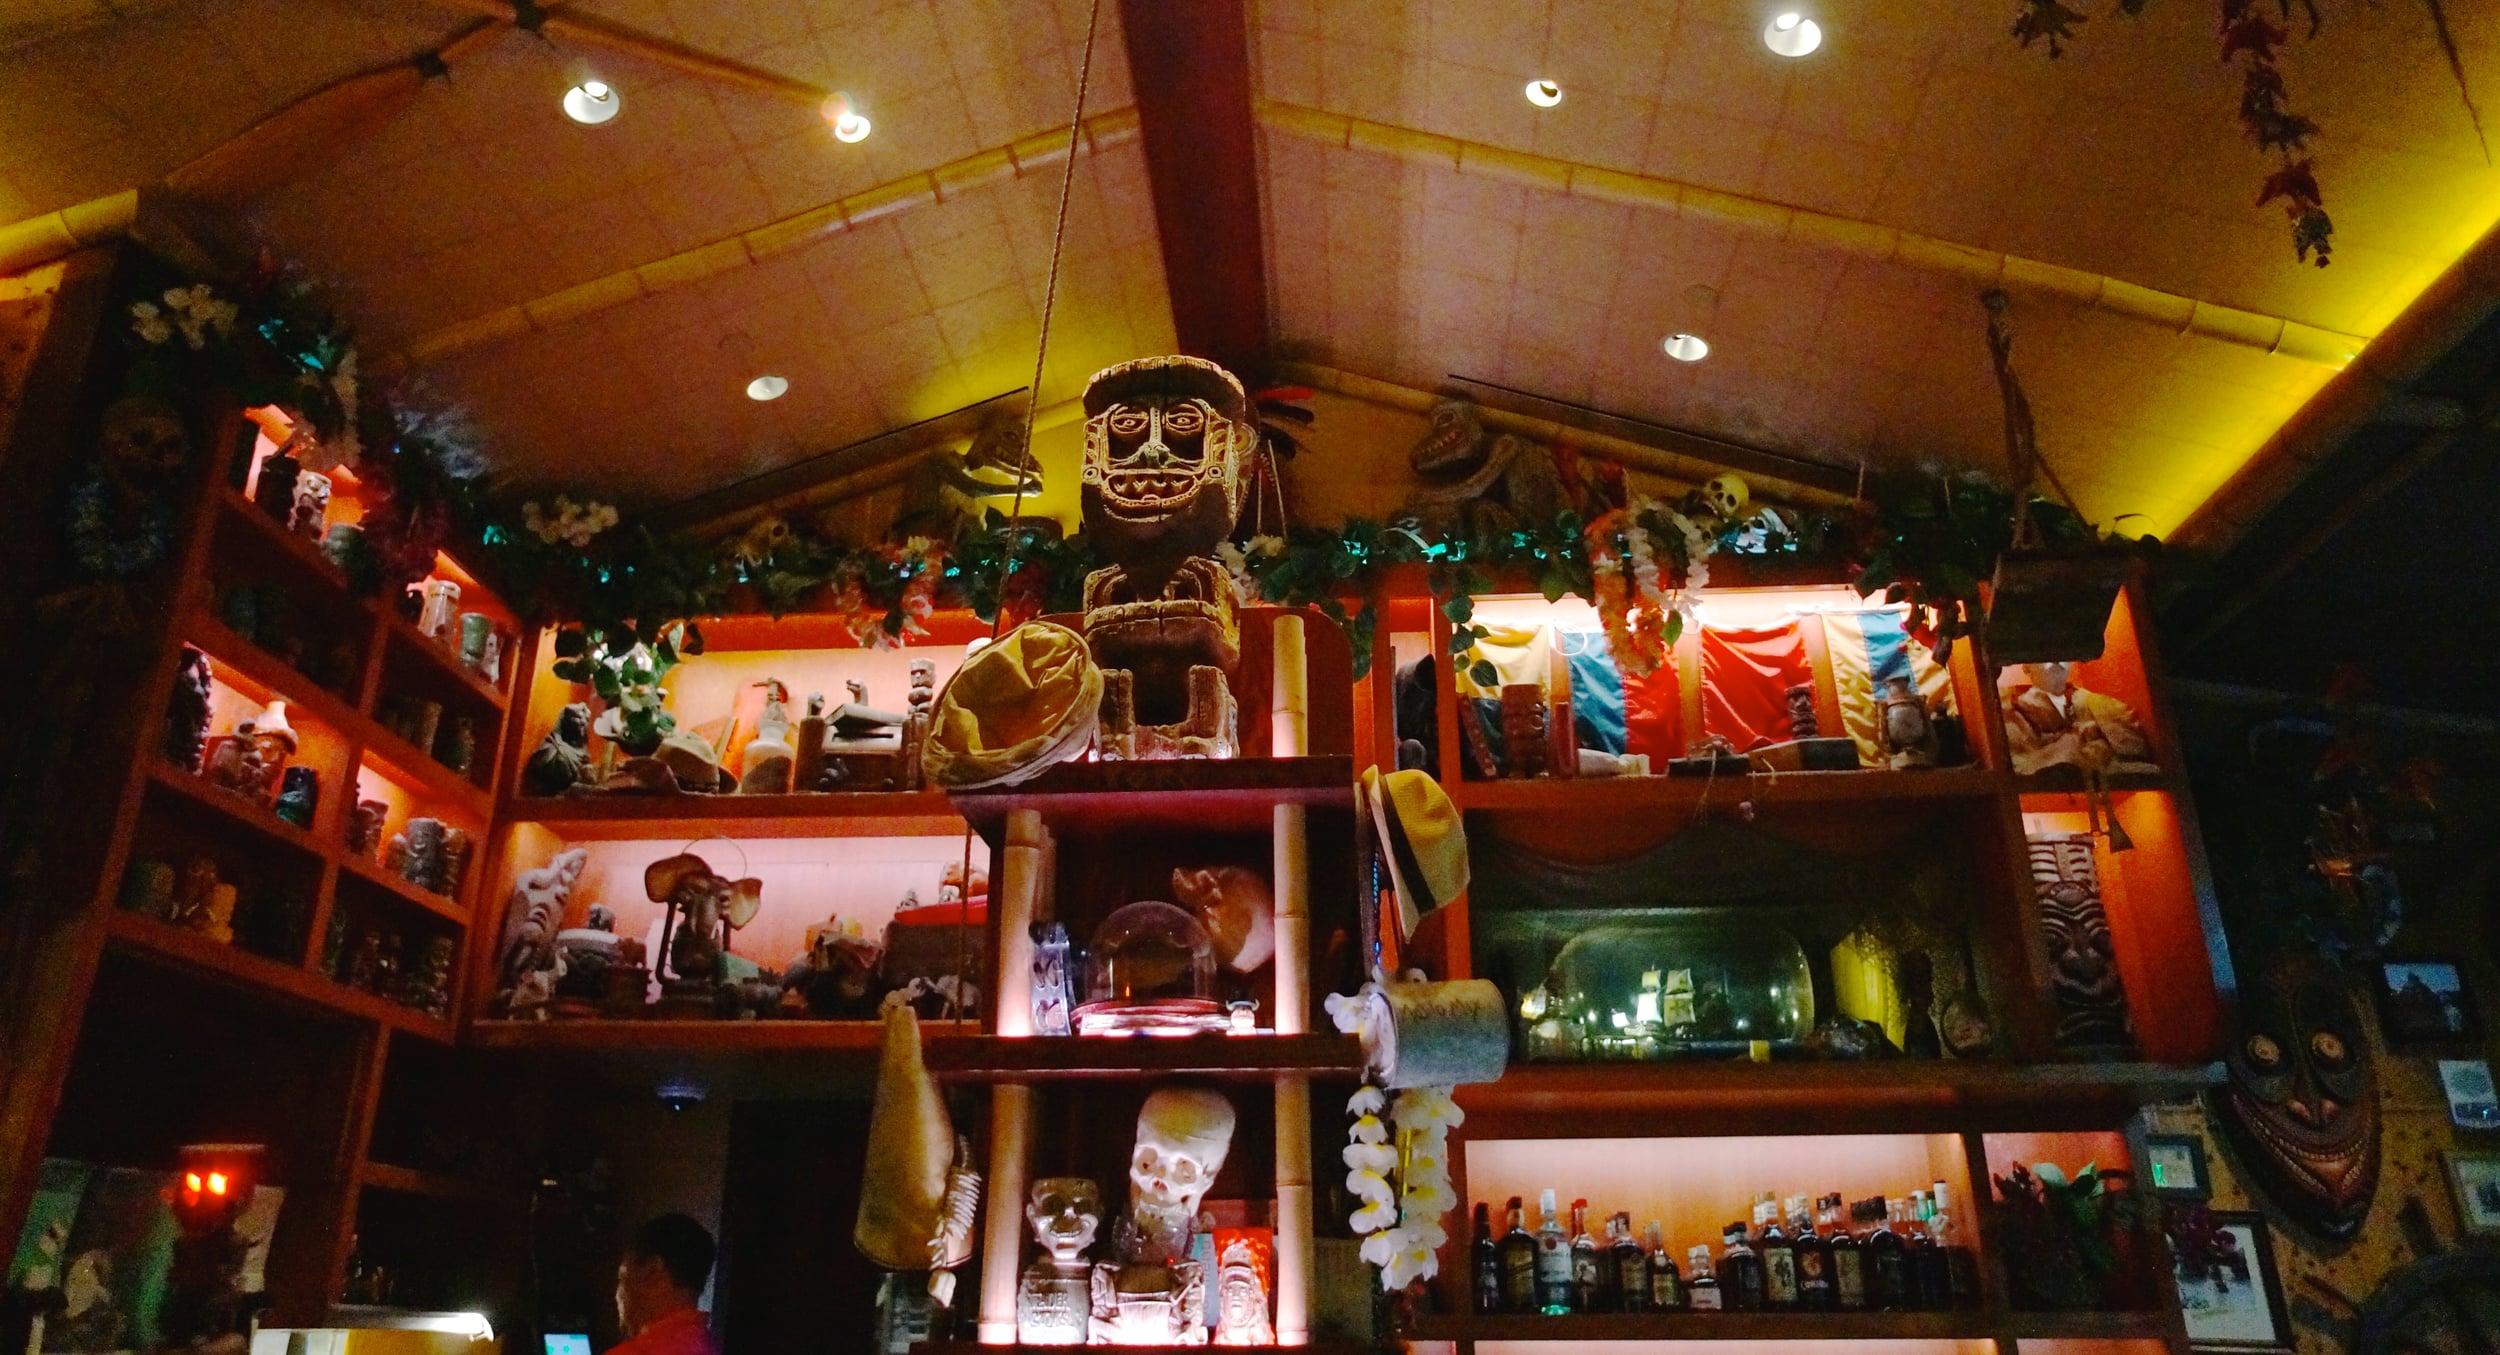 trader-sams-enchanted-tiki-bar-disneyland.jpg